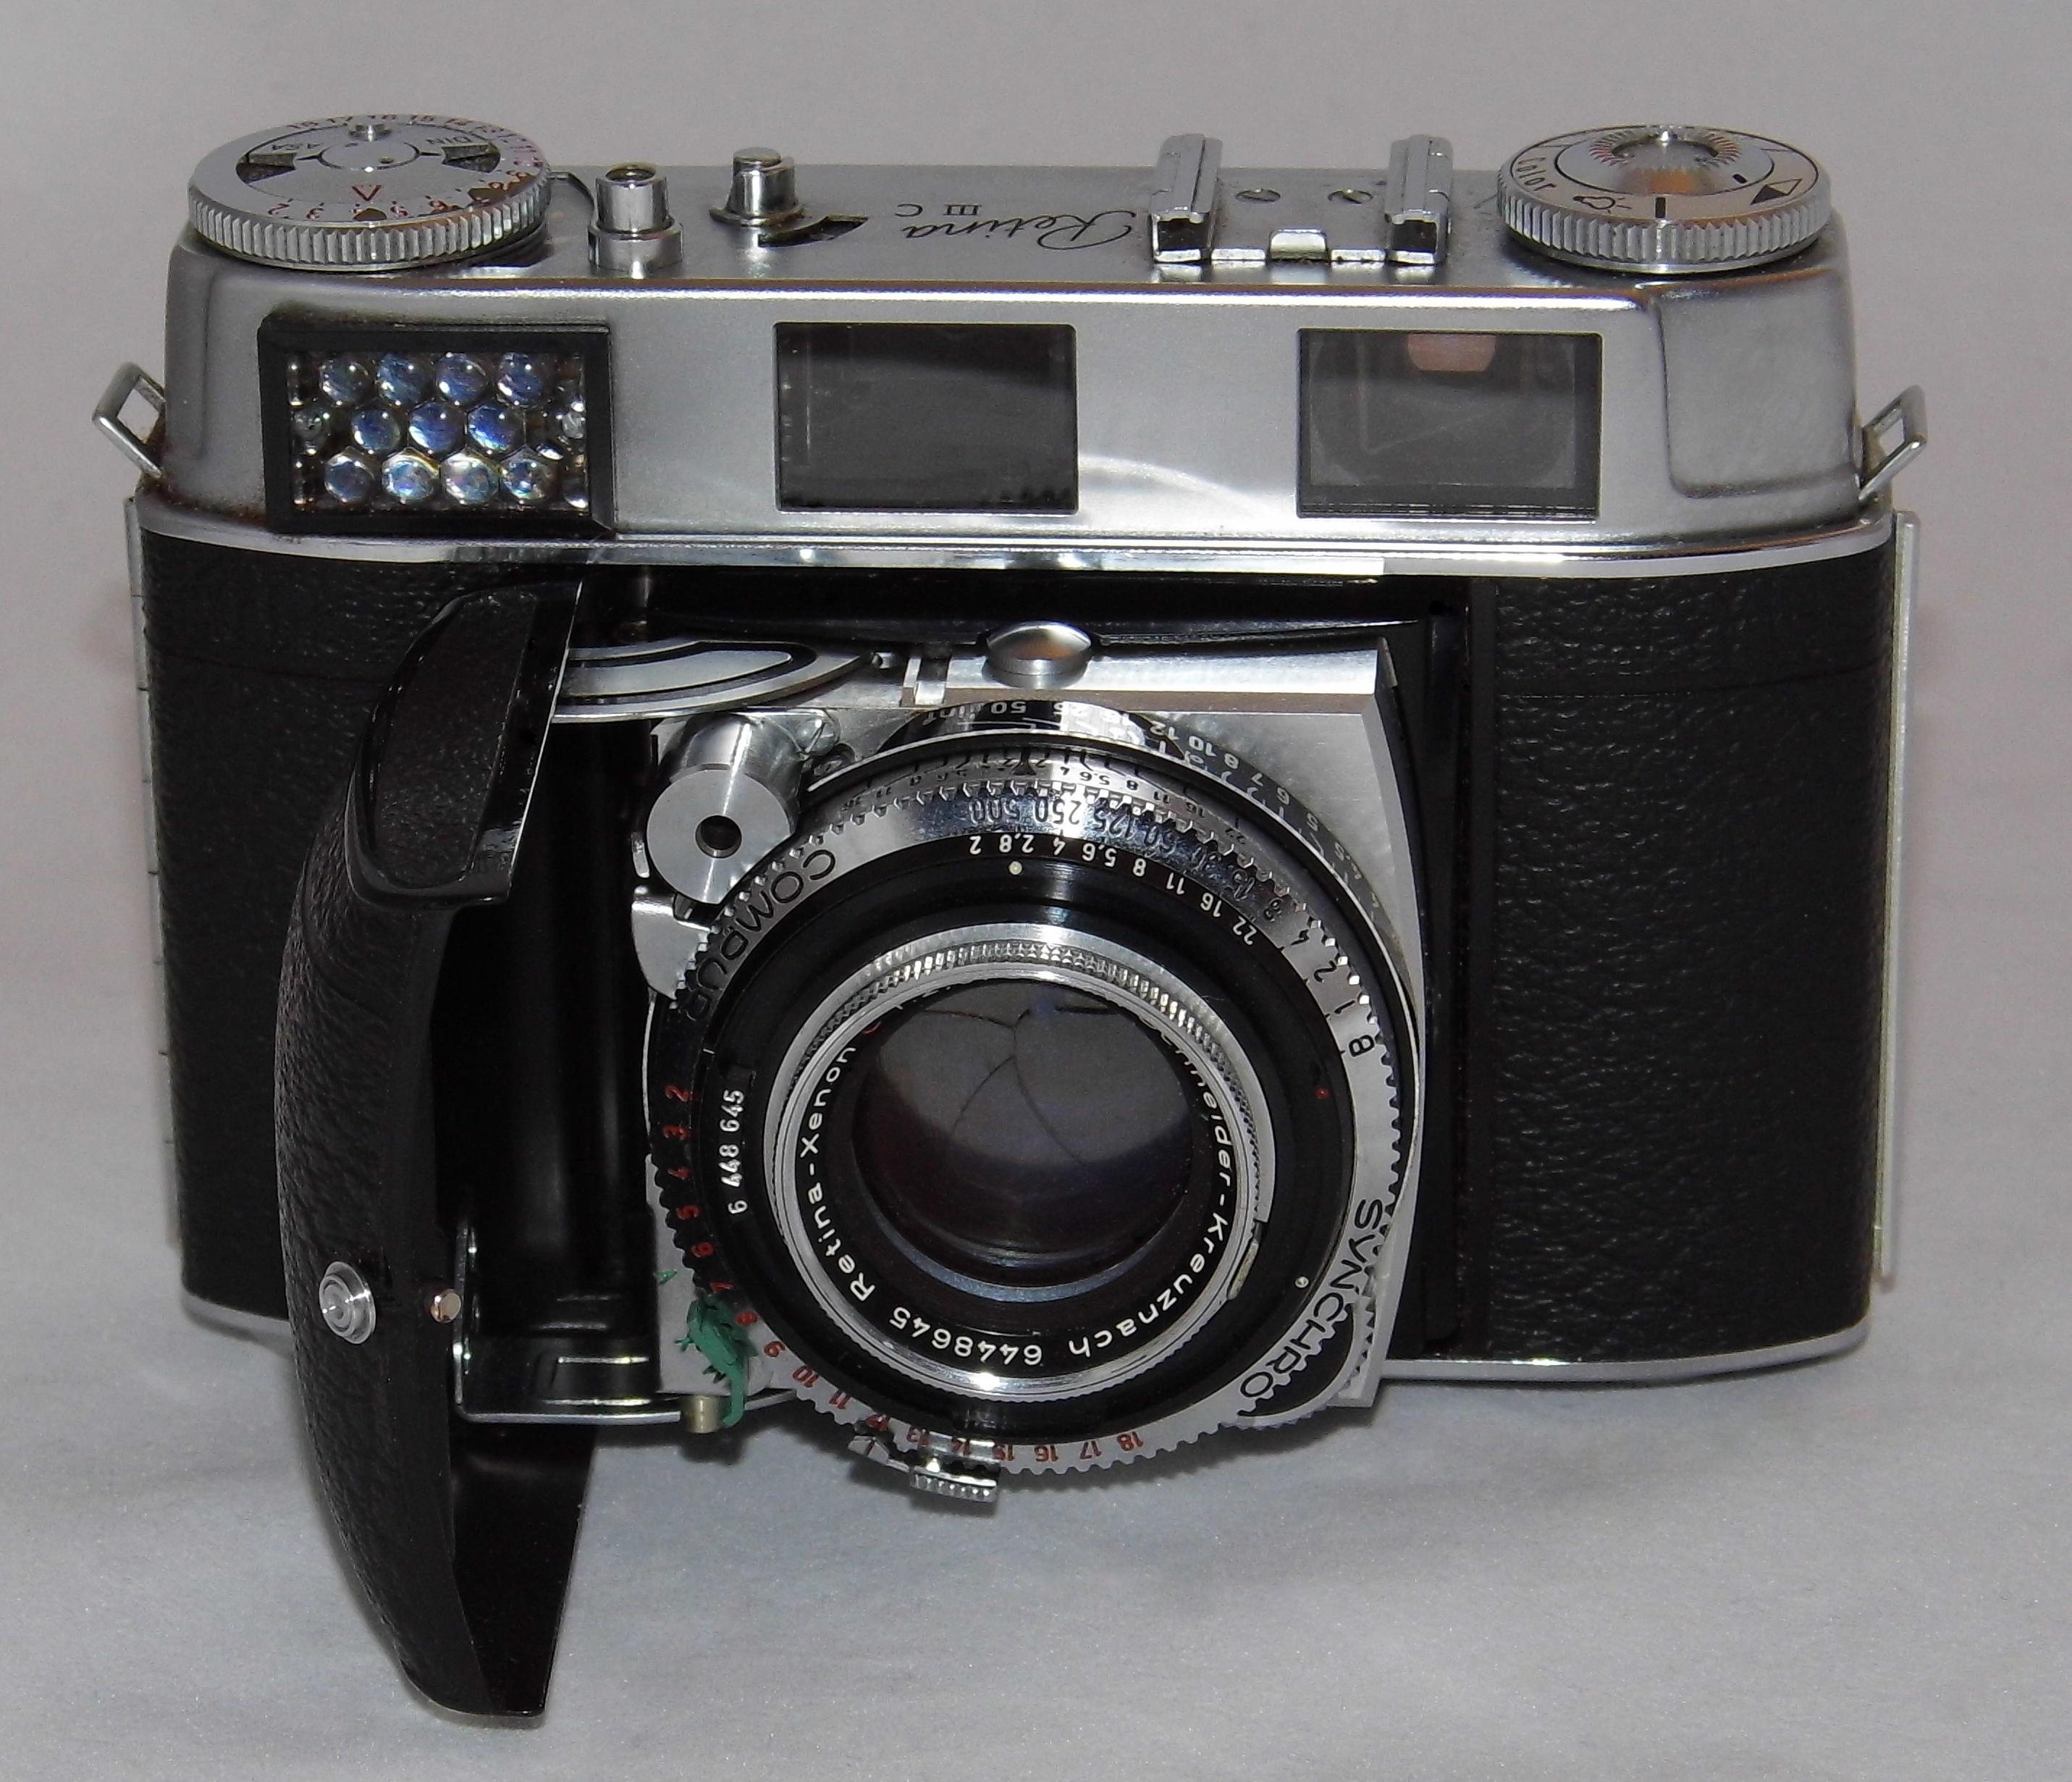 варгаса это современный пленочный фотоаппарат народе верили, что